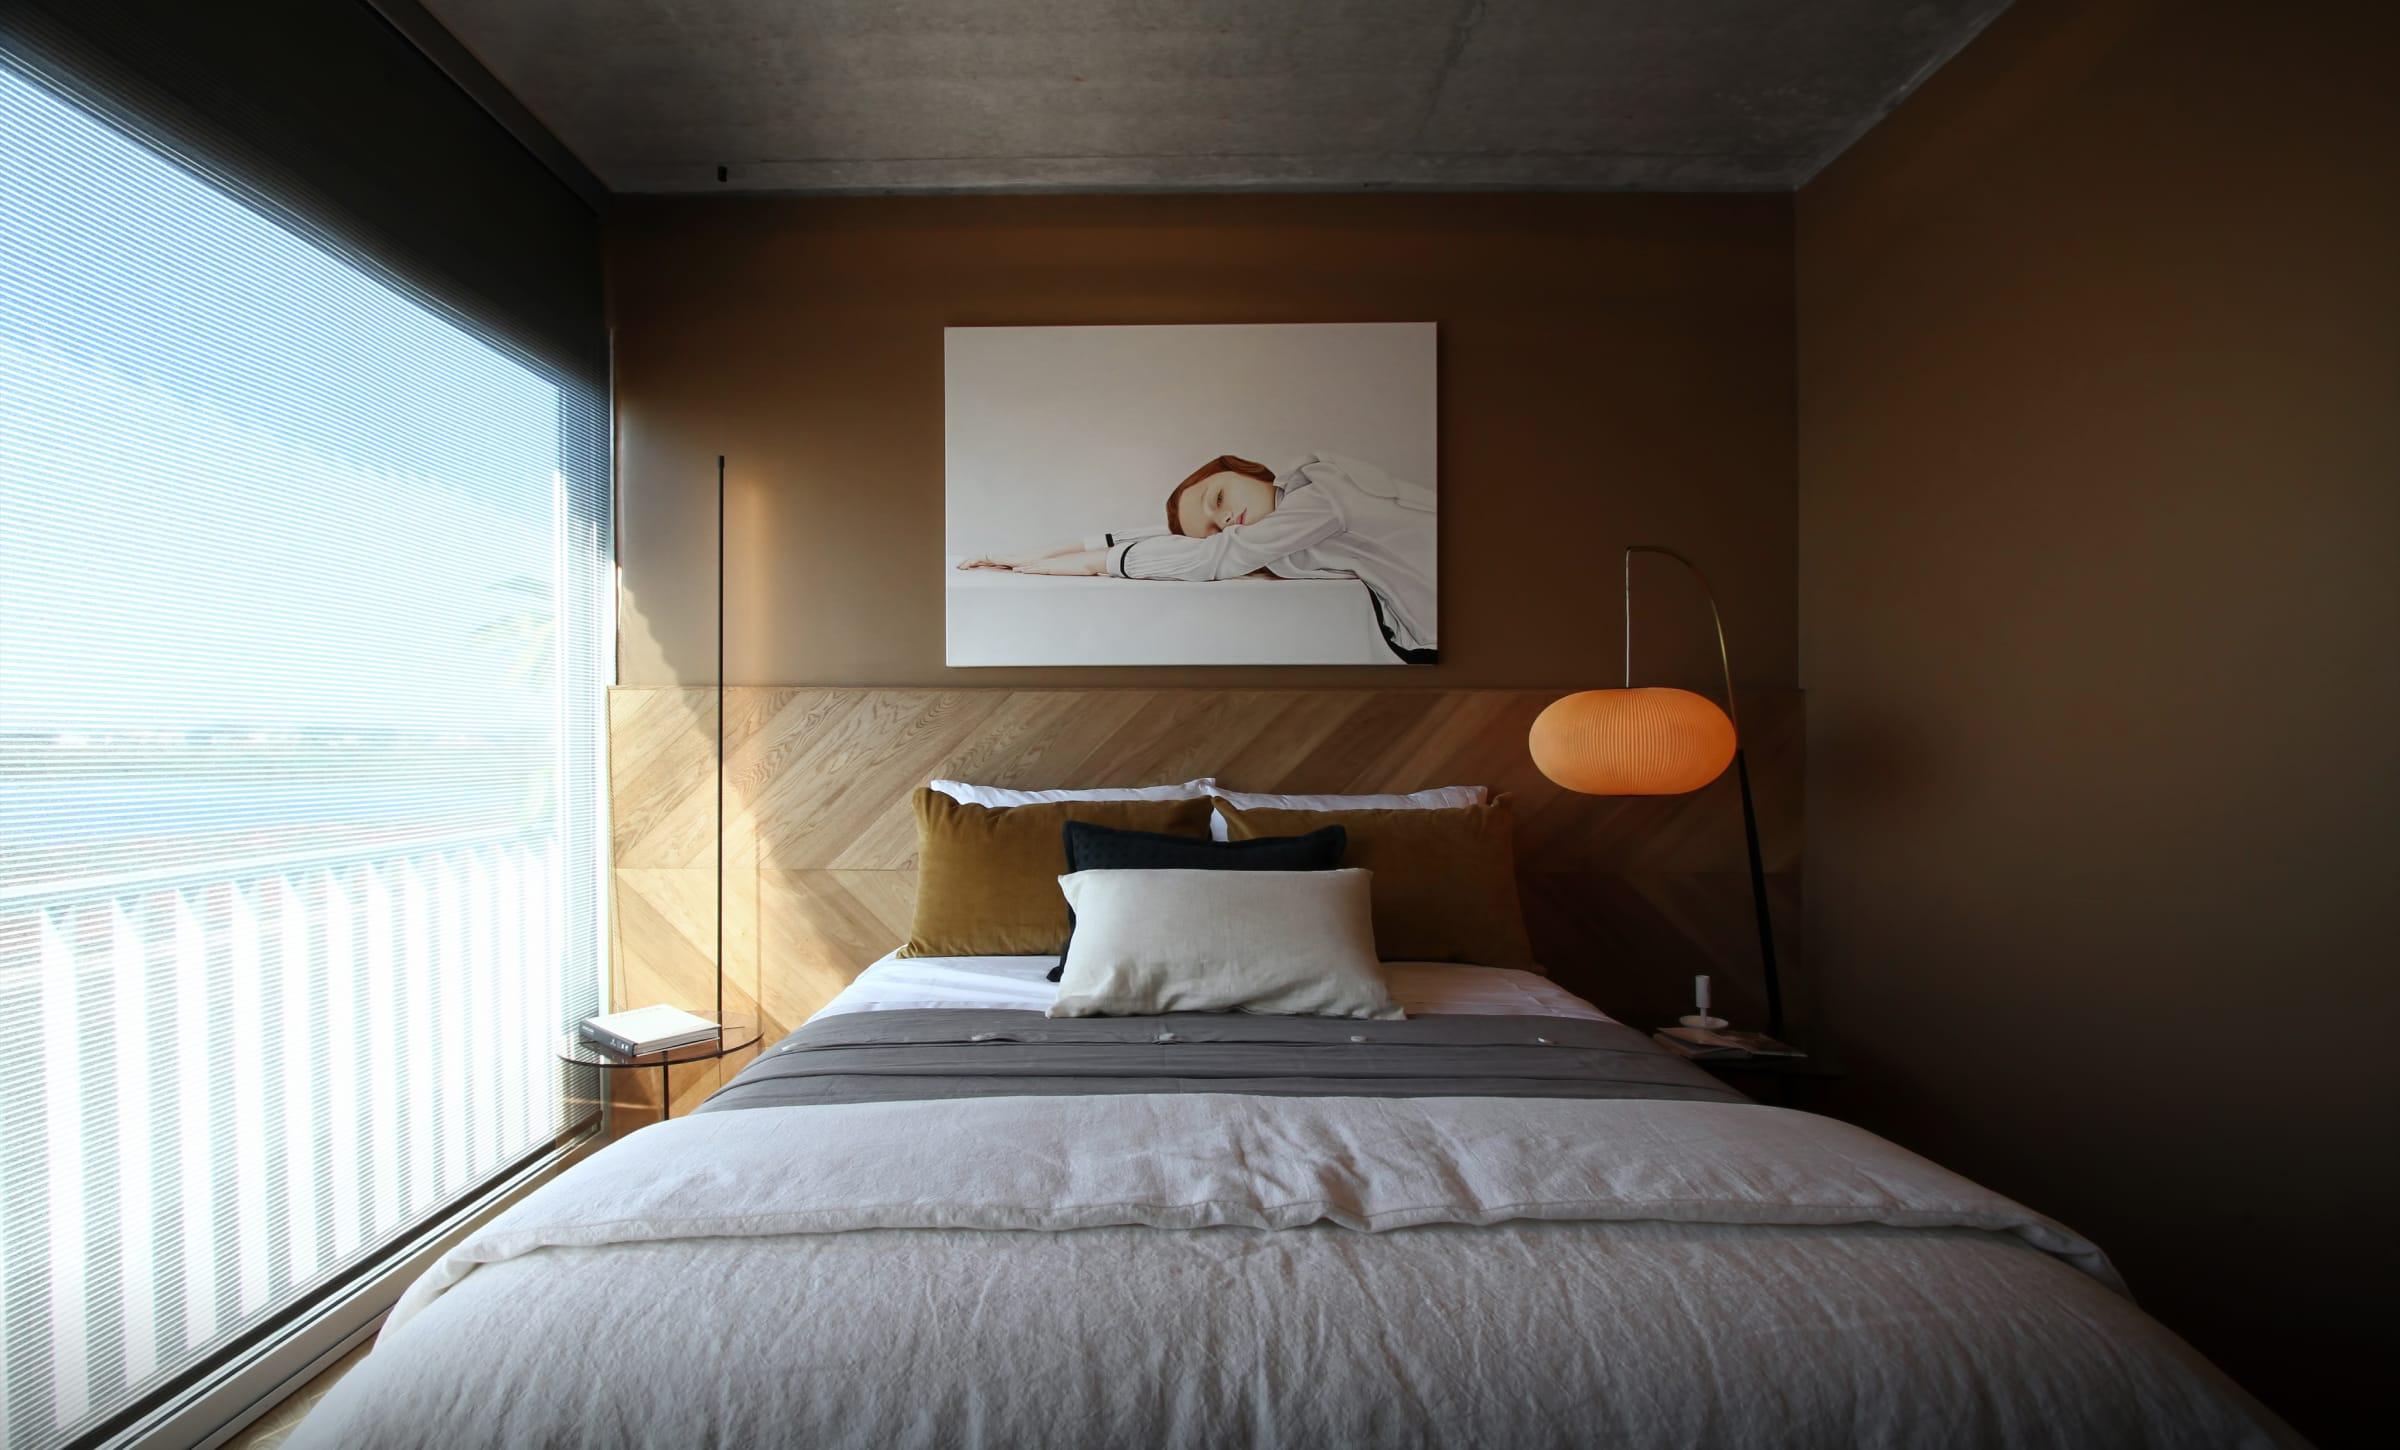 El tono cálido de la pared (Crème Brûlée, ALBA) y los revestimientos de madera de roble americano natural (Patagonia Flooring) crean un clima acogedor.